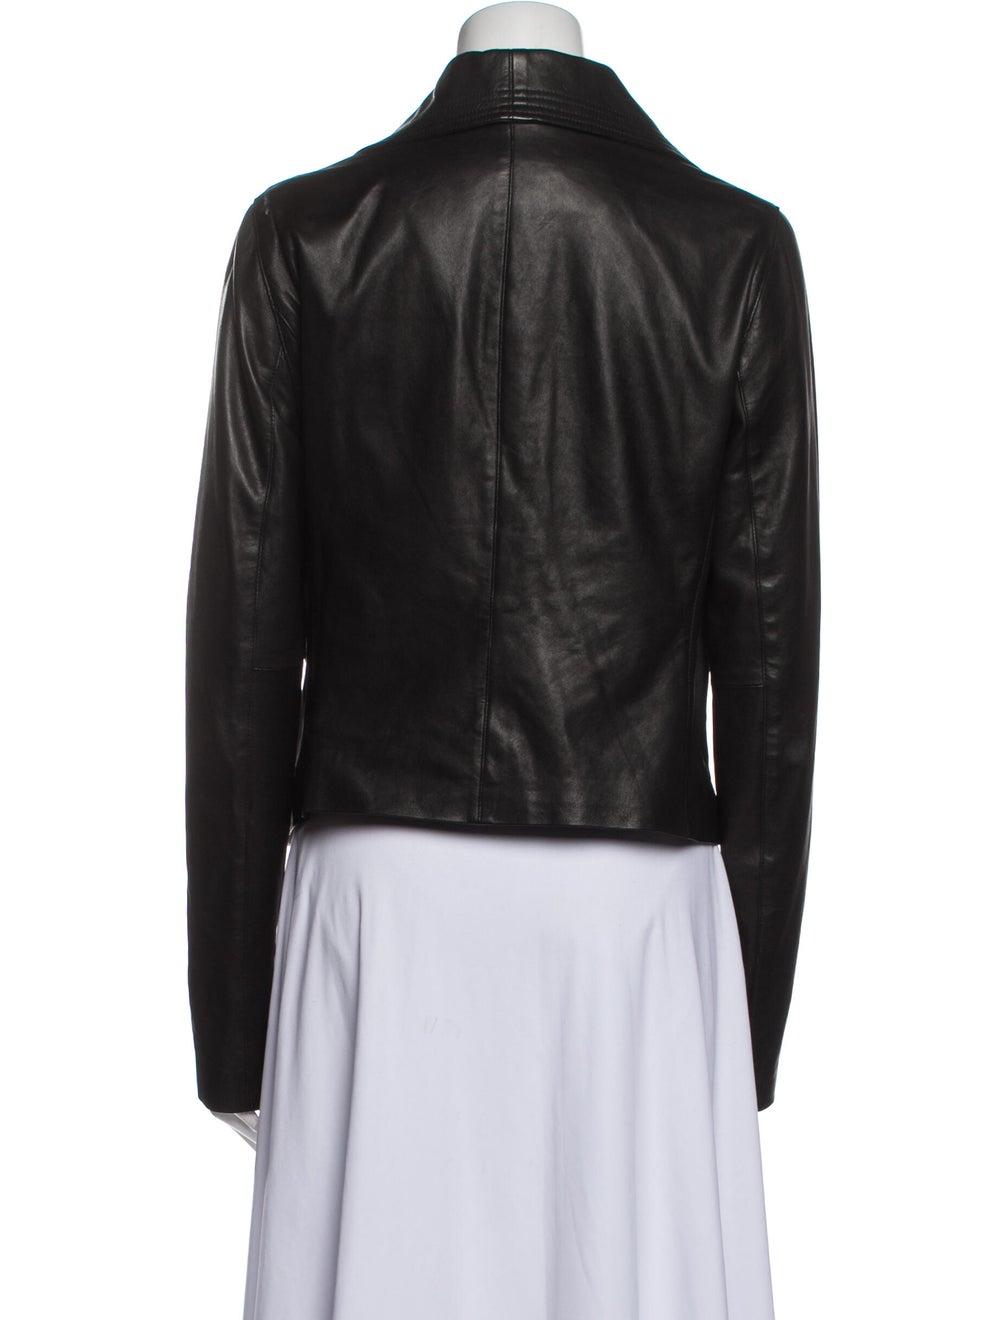 Vince Leather Biker Jacket Black - image 3